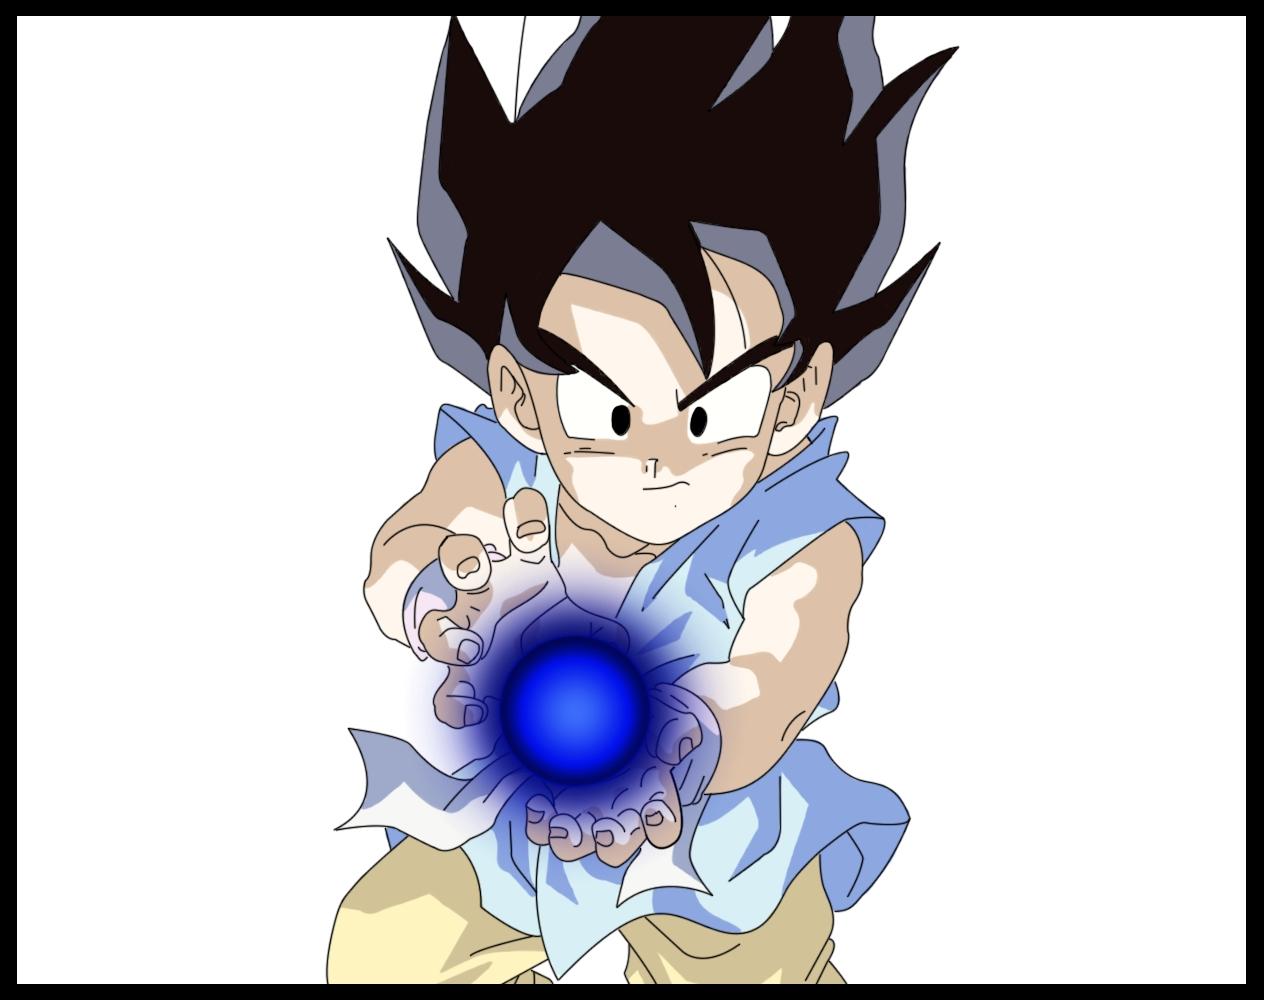 http://2.bp.blogspot.com/-eBawdVm8zUE/TqVtzBbStaI/AAAAAAAAAFo/zYzw4kRe1IU/s1600/Dragon_Ball_GT_Goku_kameha_Blast_newanimationworld.blogspot.com.jpg